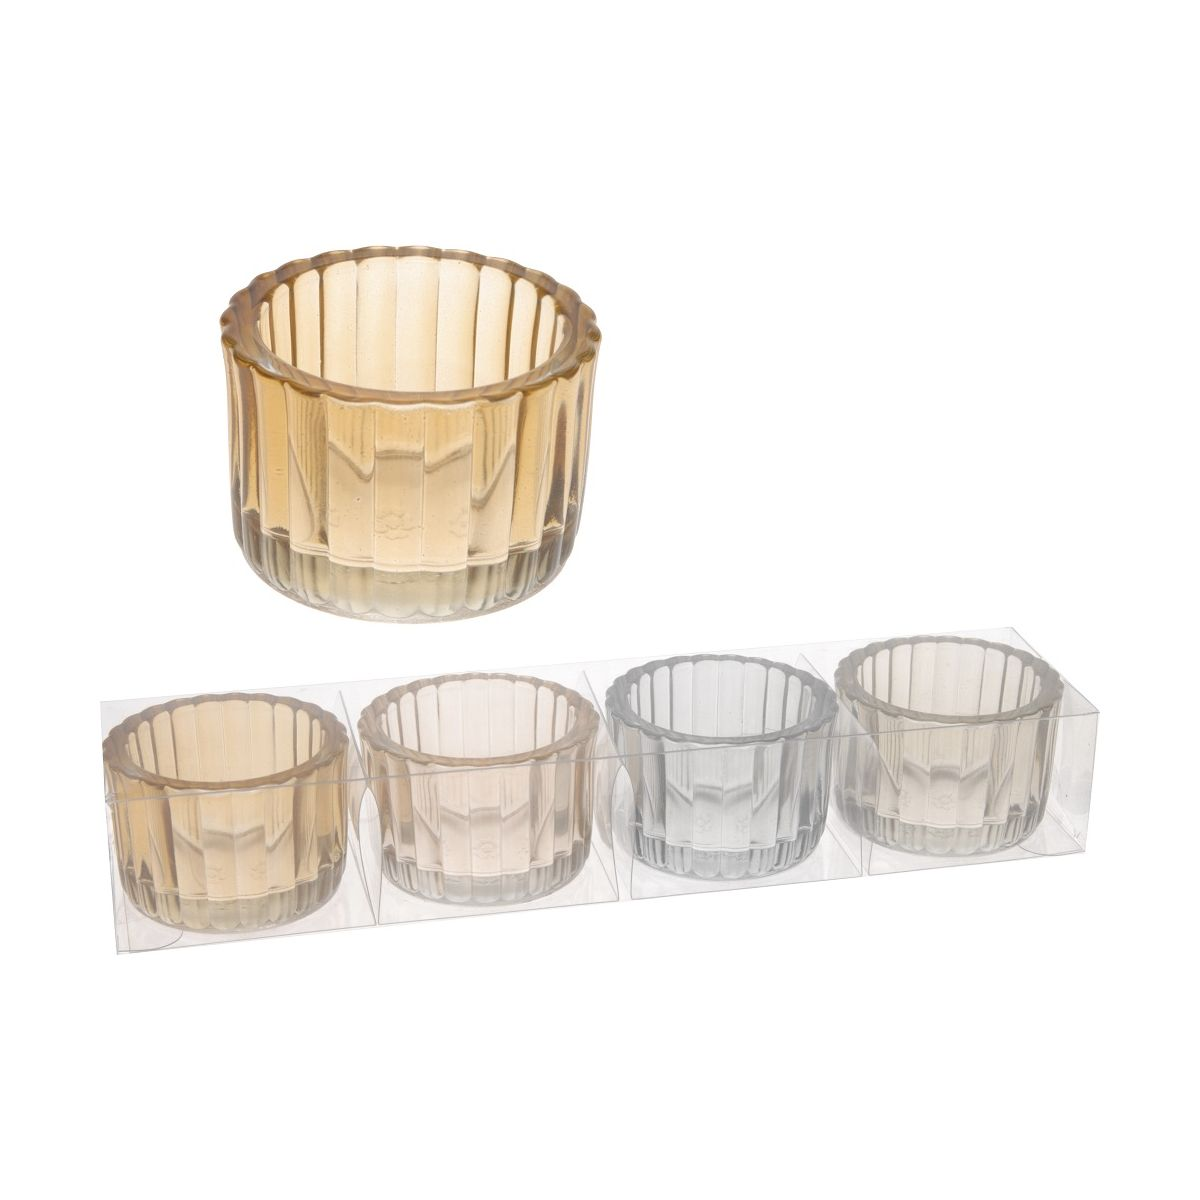 Набор подсвечников 4 шт граненые 5,5*5,5*3,7 смподсвечники в наборе 4 шт, граненные, 5.5x5.5x3.7см<br>